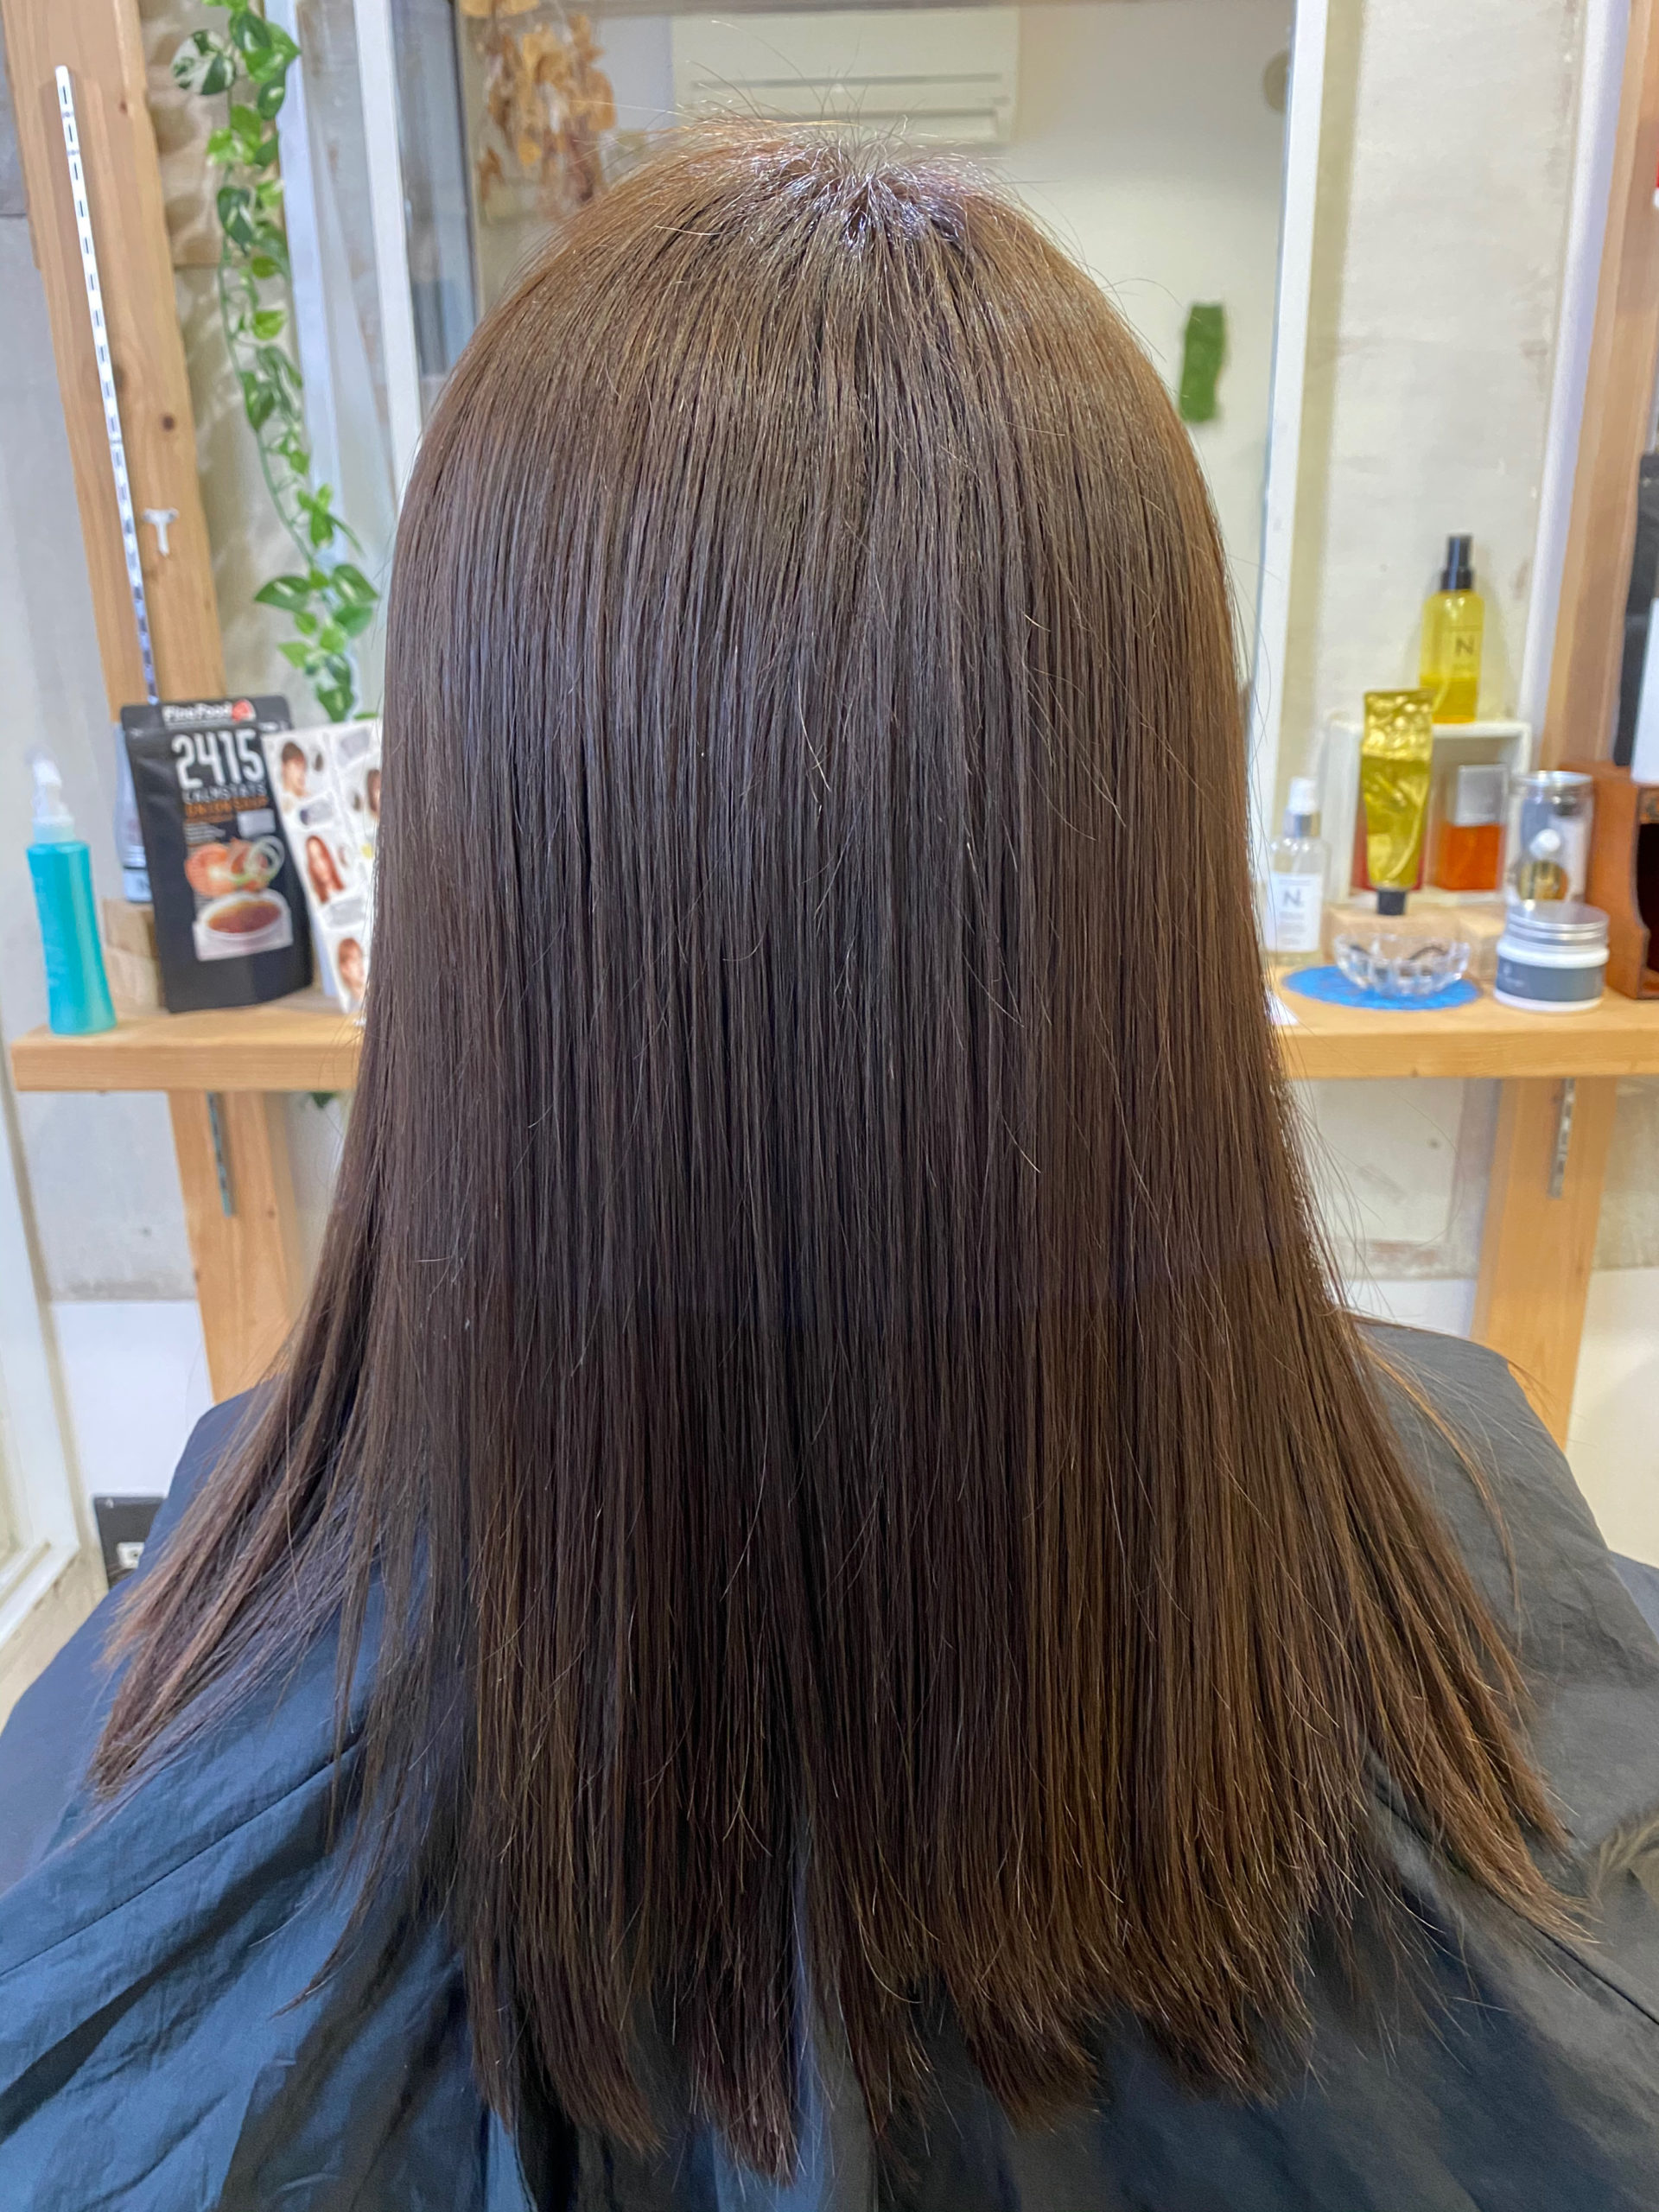 細い髪ので乾燥とパサつきが。。縮毛矯正で艶髪に変身。原宿・表参道『髪のお悩みを解決するヘアケア美容師の挑戦』